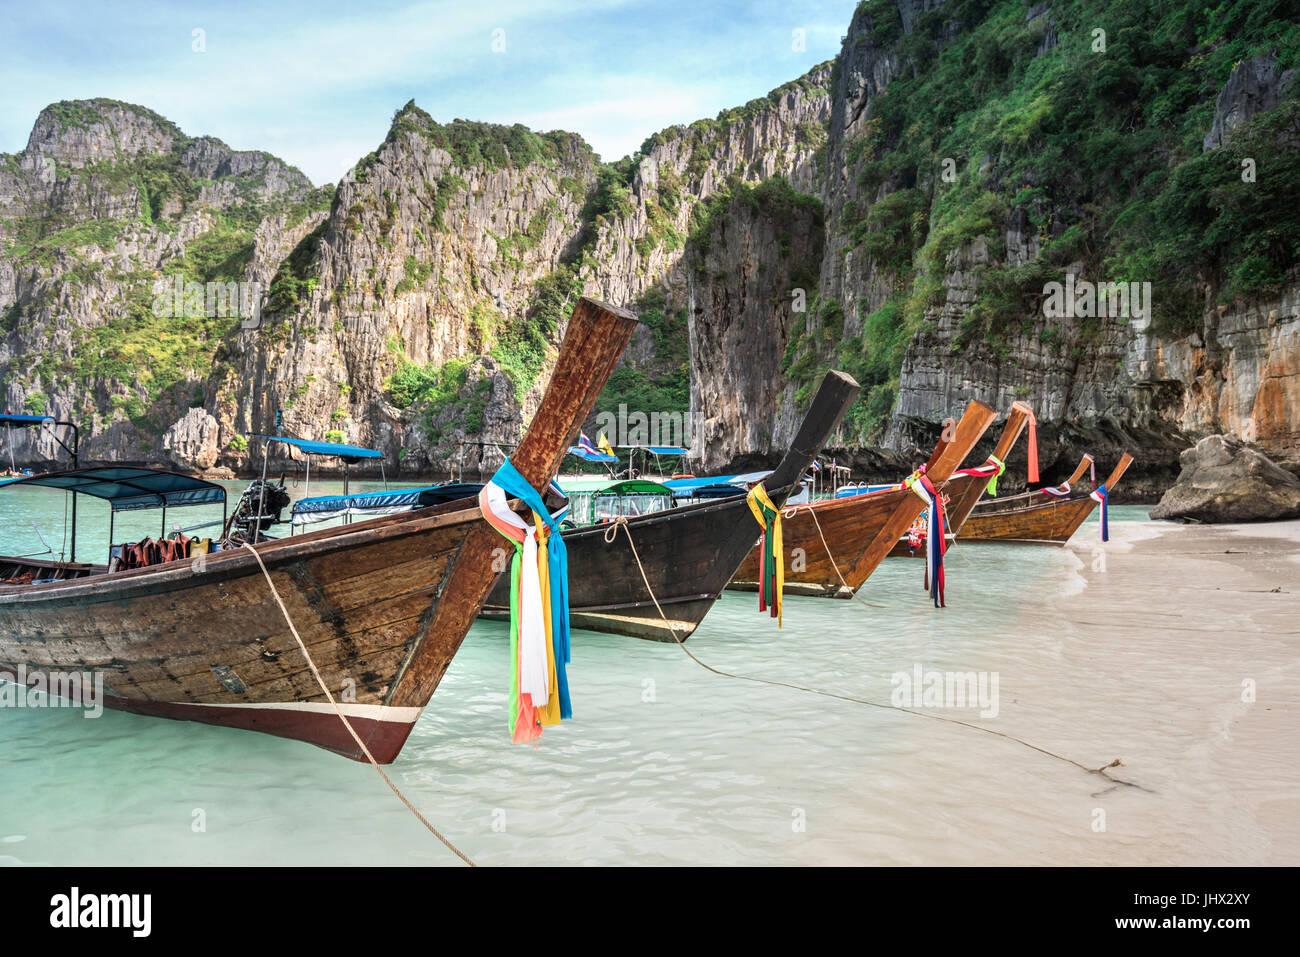 La Thaïlande vue mer plage rond avec des collines calcaires avec de nombreux bateaux longtail traditionnels Photo Stock